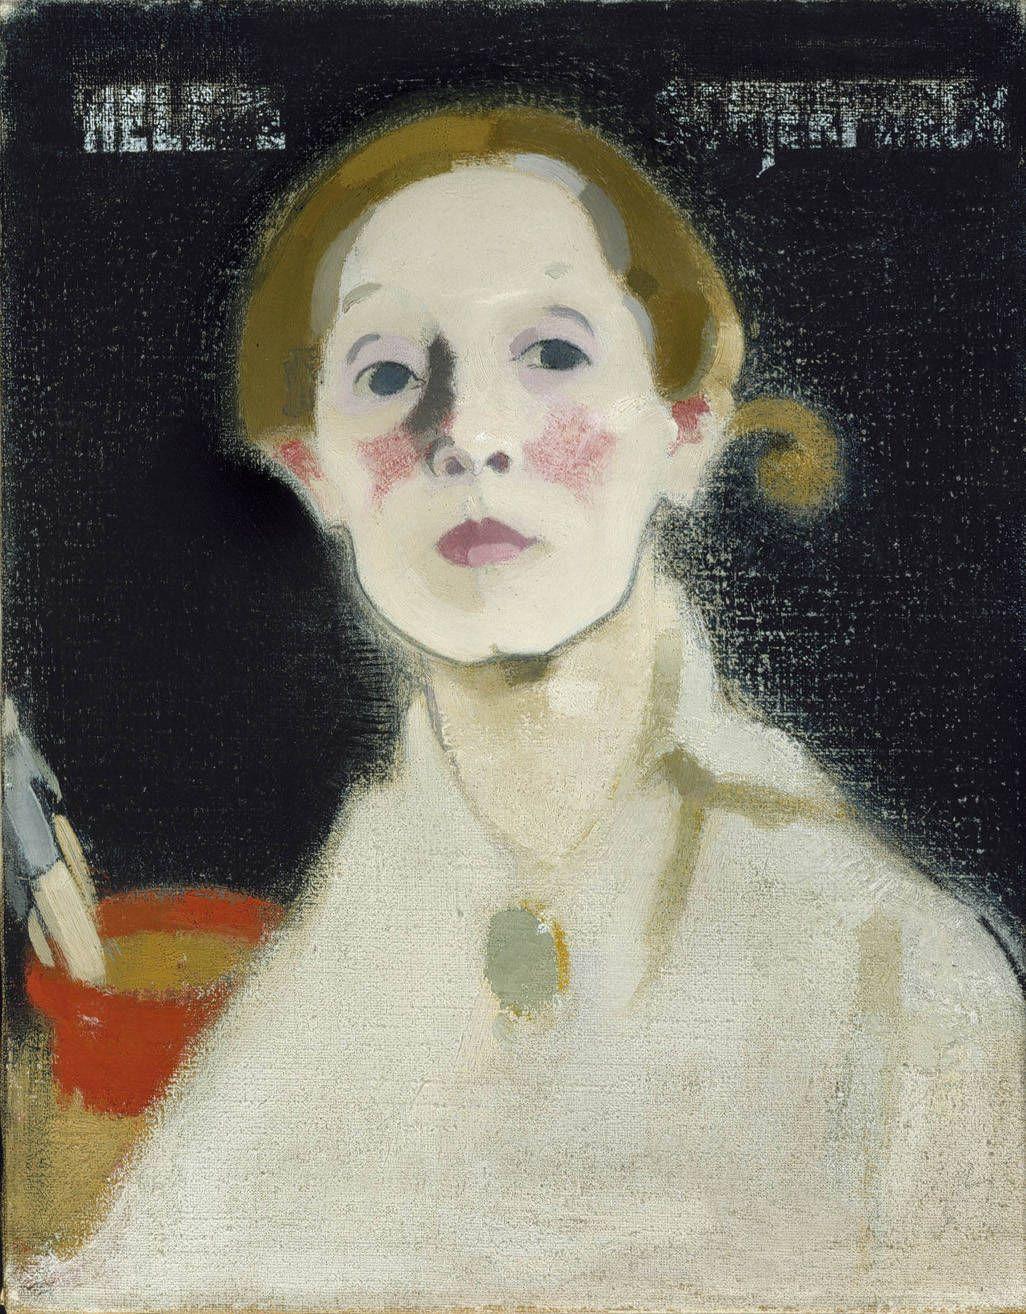 Självporträtt från 1915